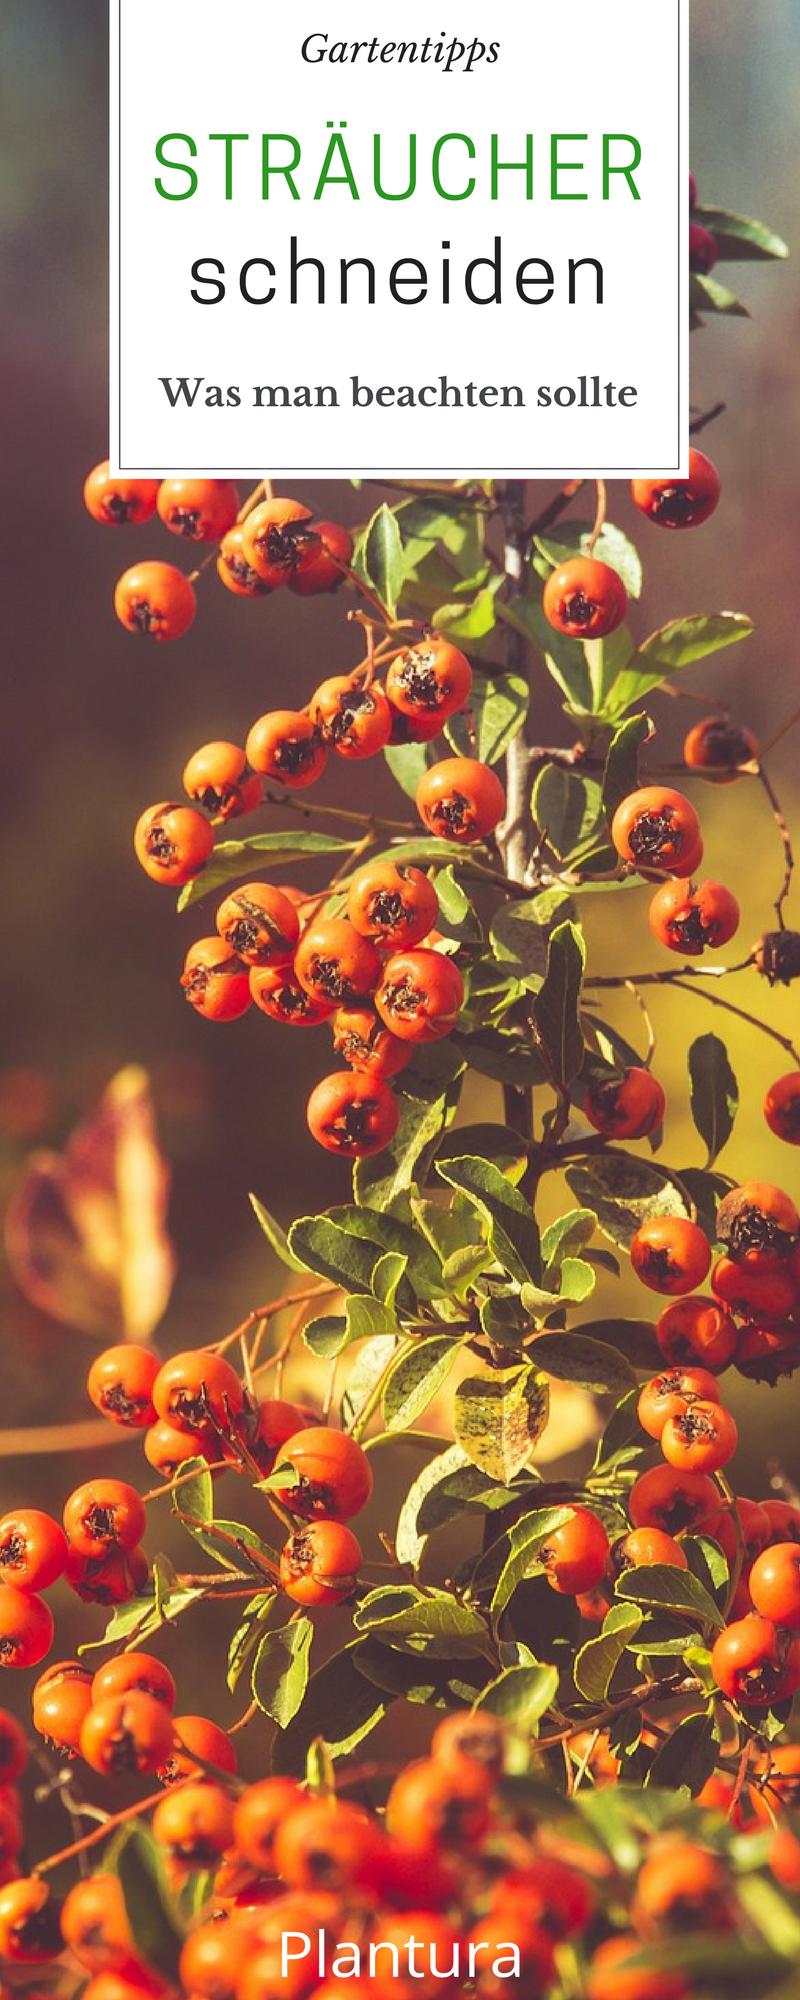 pflanzen schneiden hortensien obstb ume stauden und co schneiden gartenfreunde pinterest. Black Bedroom Furniture Sets. Home Design Ideas